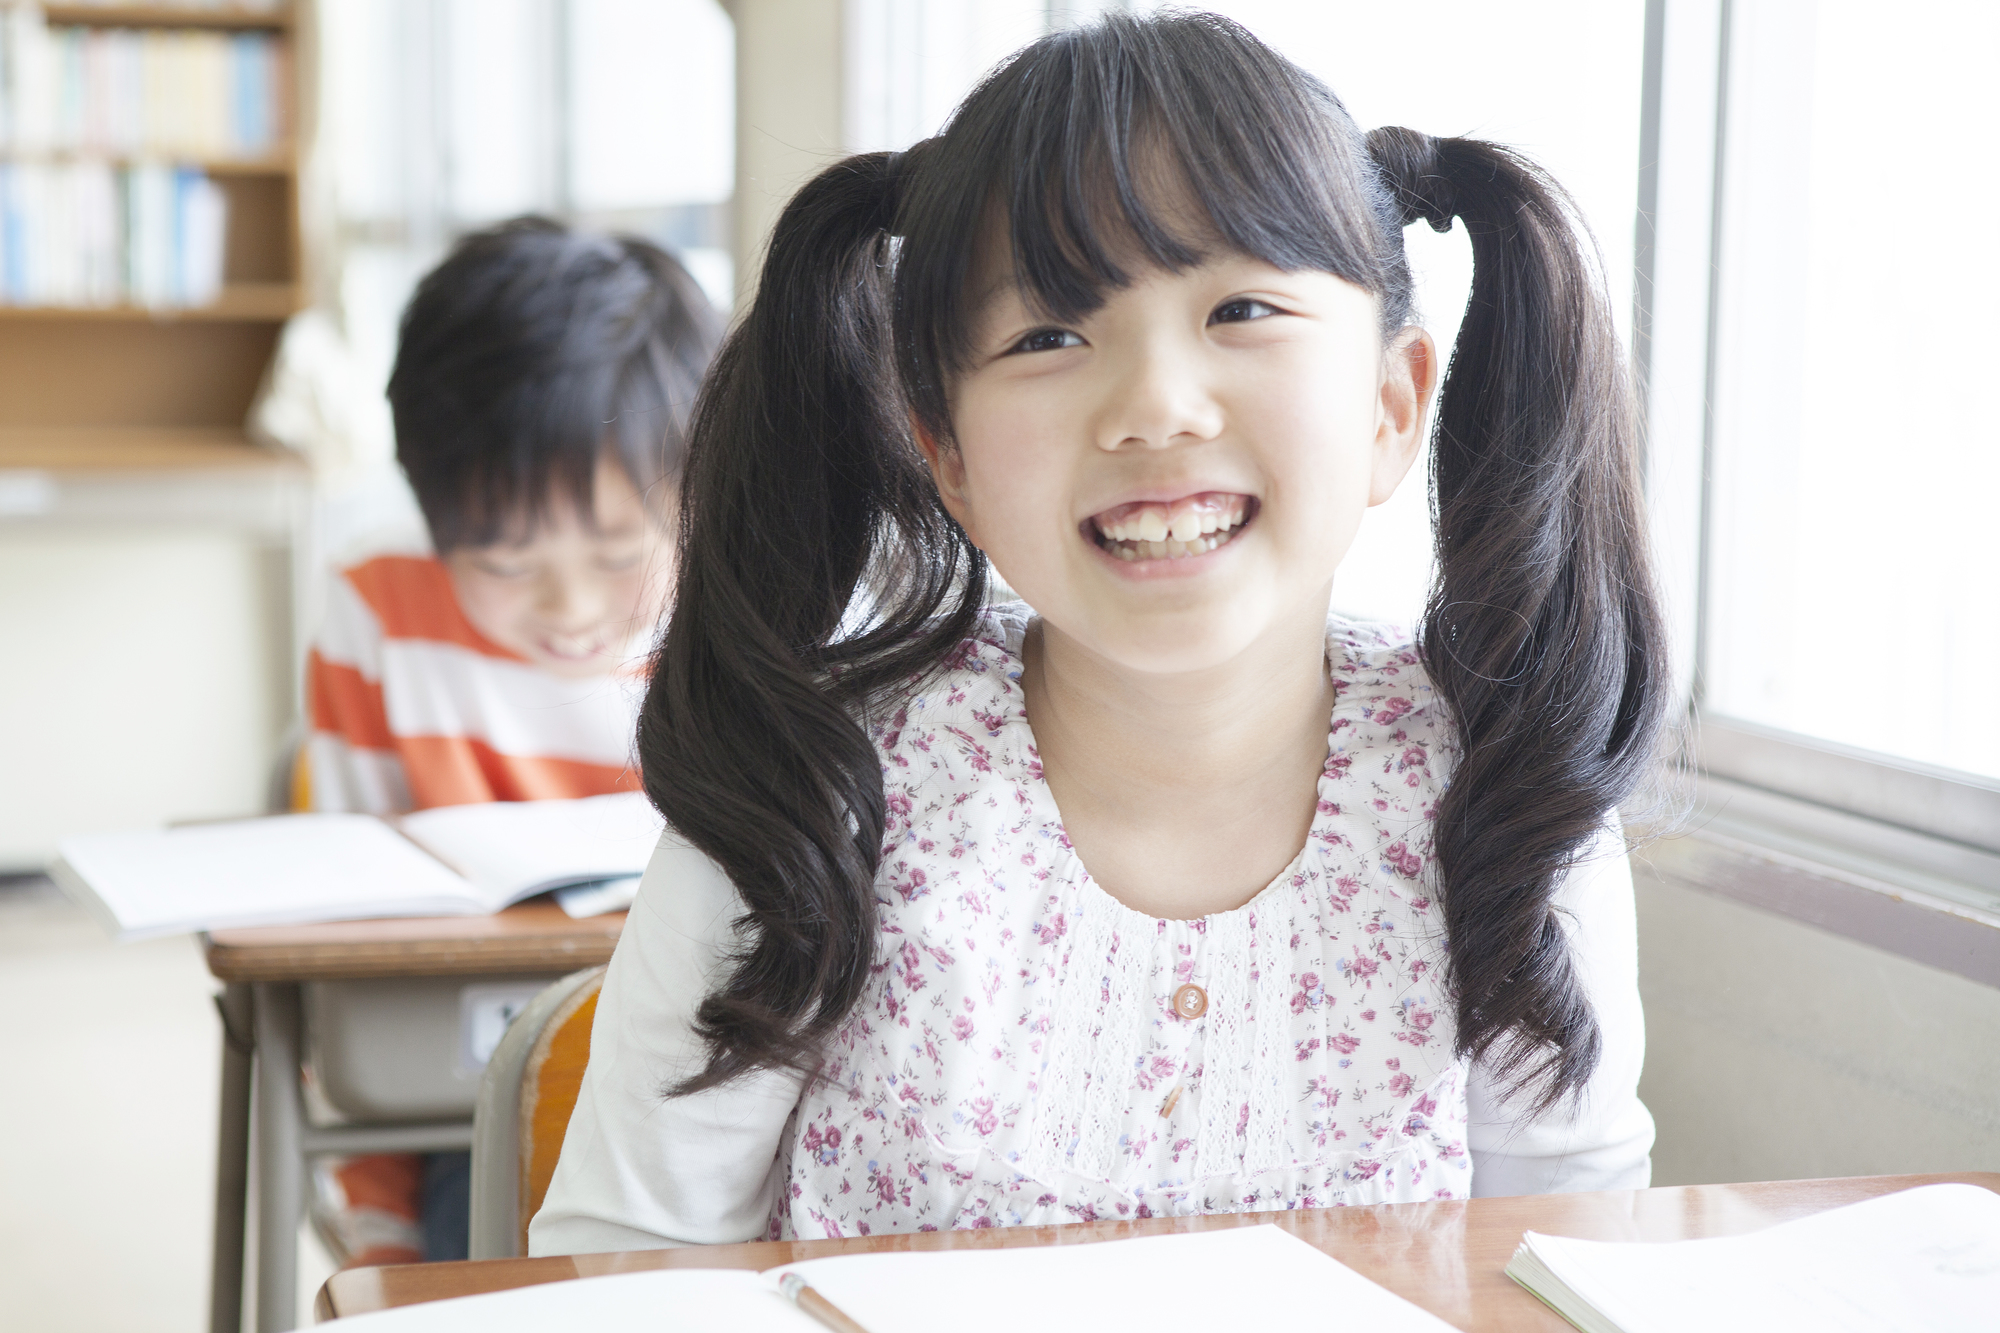 syougakusei,school